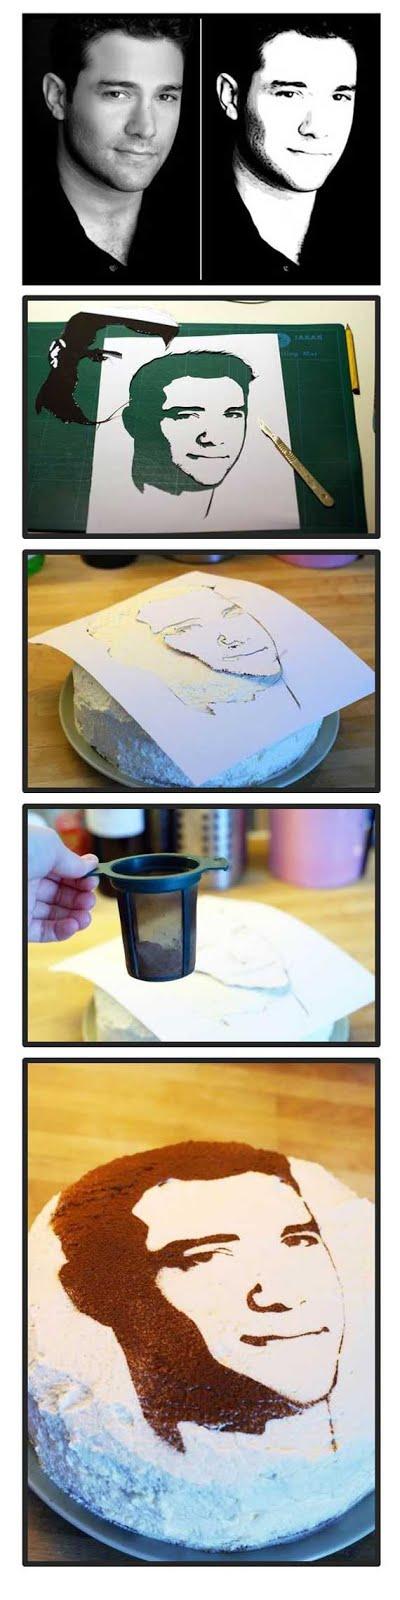 как сделать портрет на торте